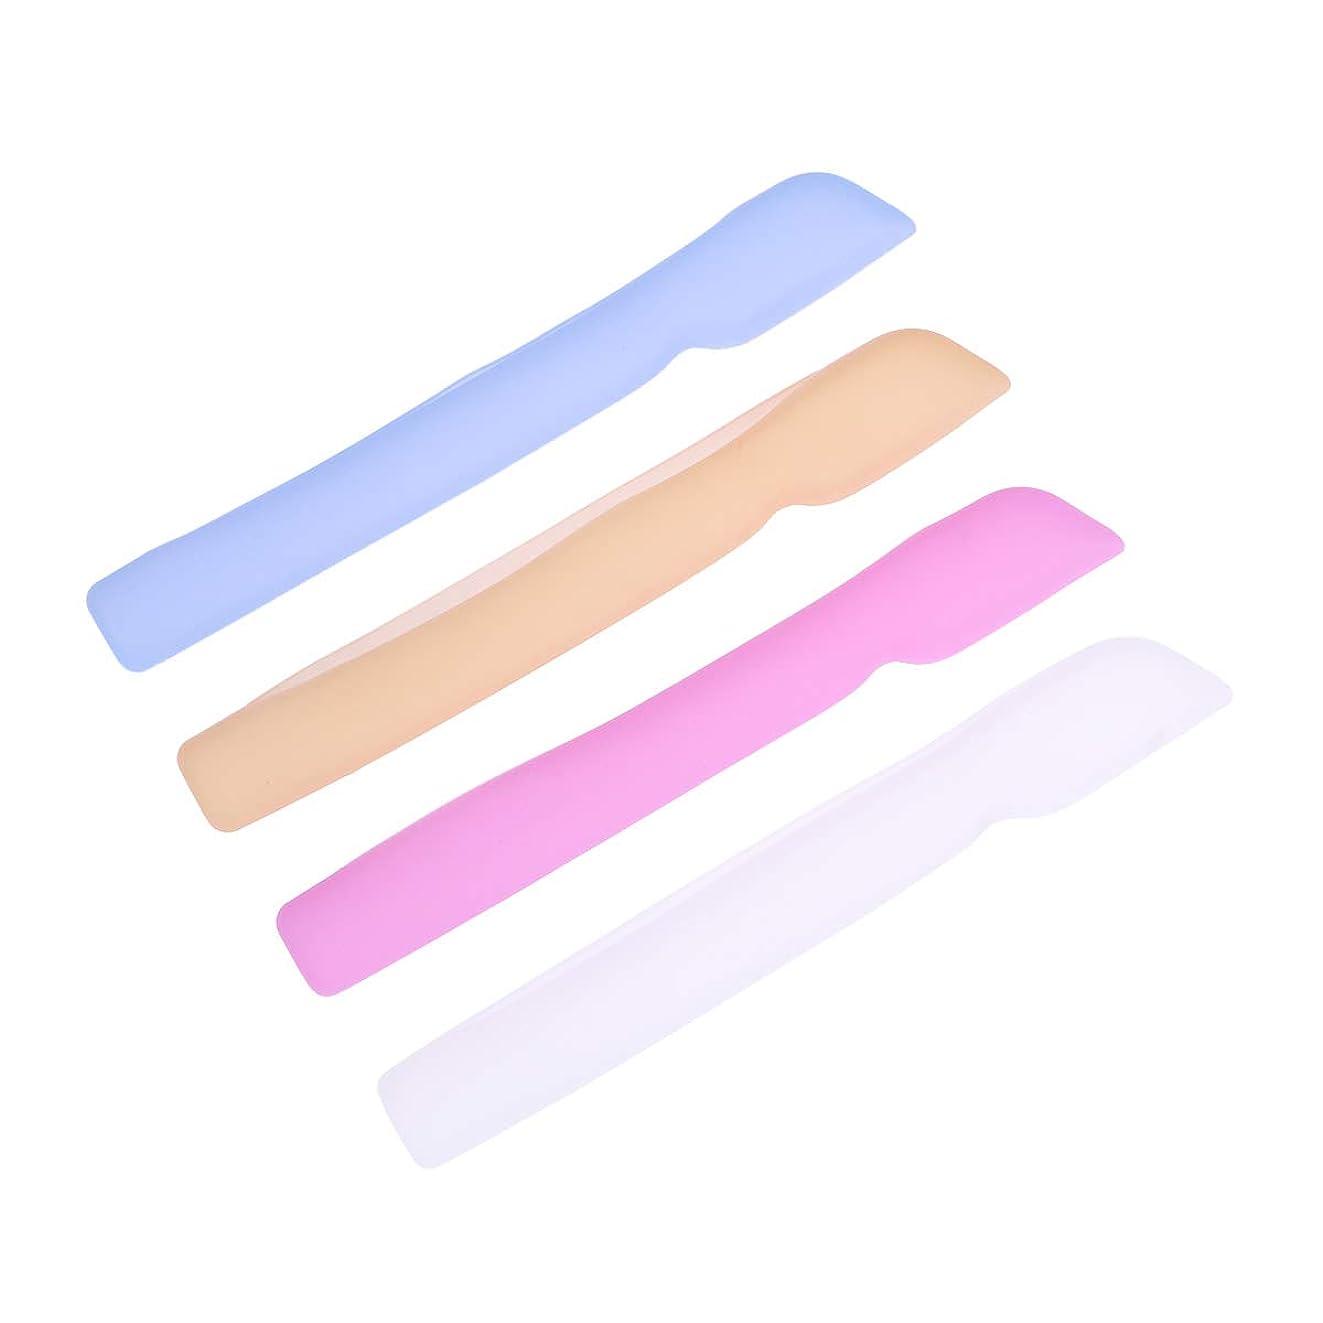 ウェブ潮勧告HEALLILYシリコン歯ブラシケースカバー歯ブラシ用保護カバー保護ケース用4本(ブルー+ピンク+ライトイエロー+ホワイト)